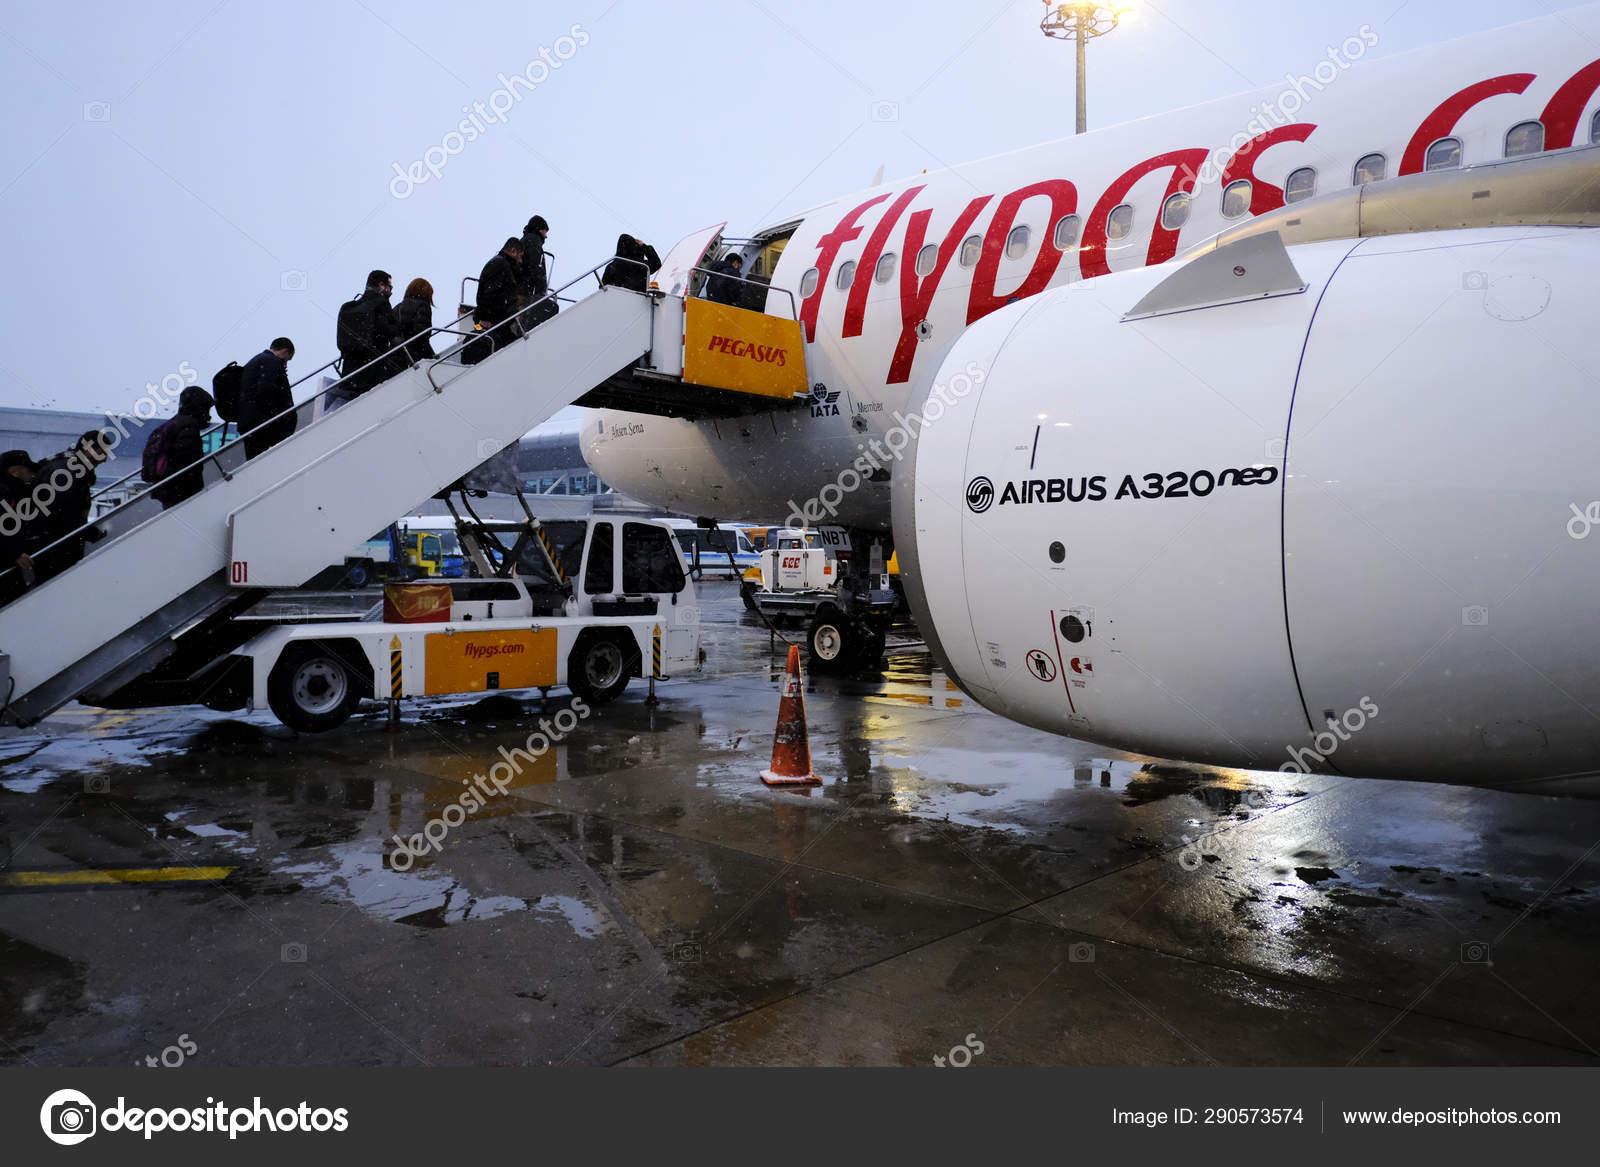 Pegasus airline